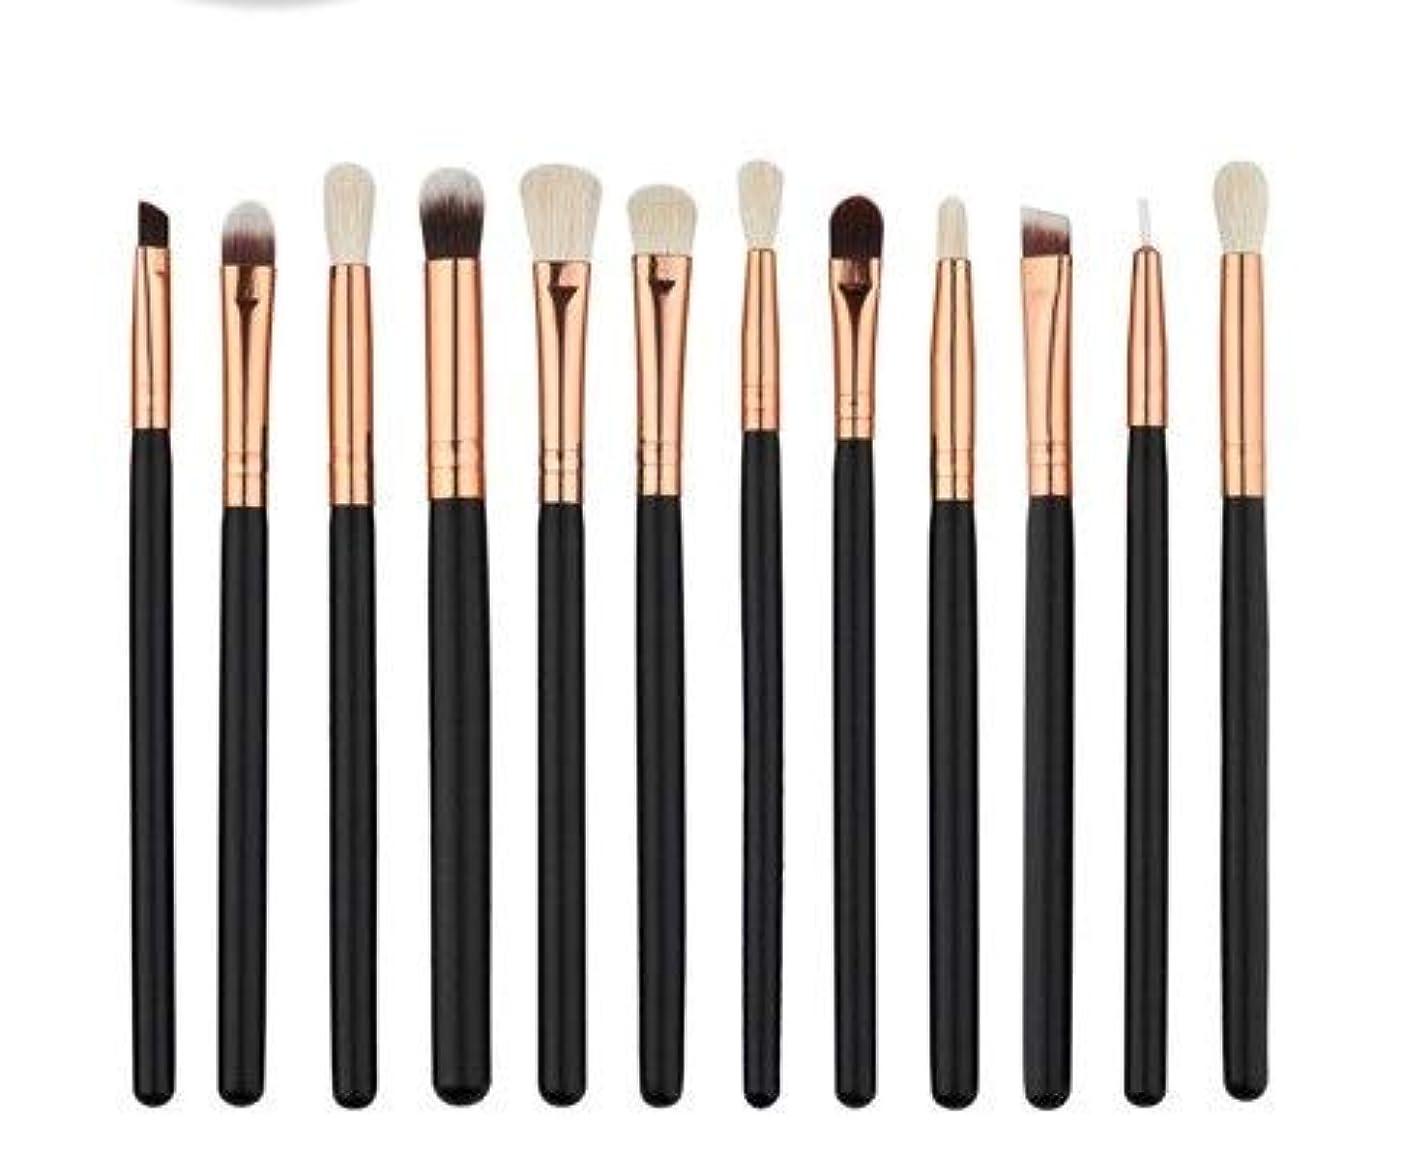 とても方法廃止アイシャドウブラシセット12ピース化粧アイブラシアイシャドウブレンドブラシ眉毛アイライナーリップブラシ美容ブラシ、ギフトに最適 (Color : Black)